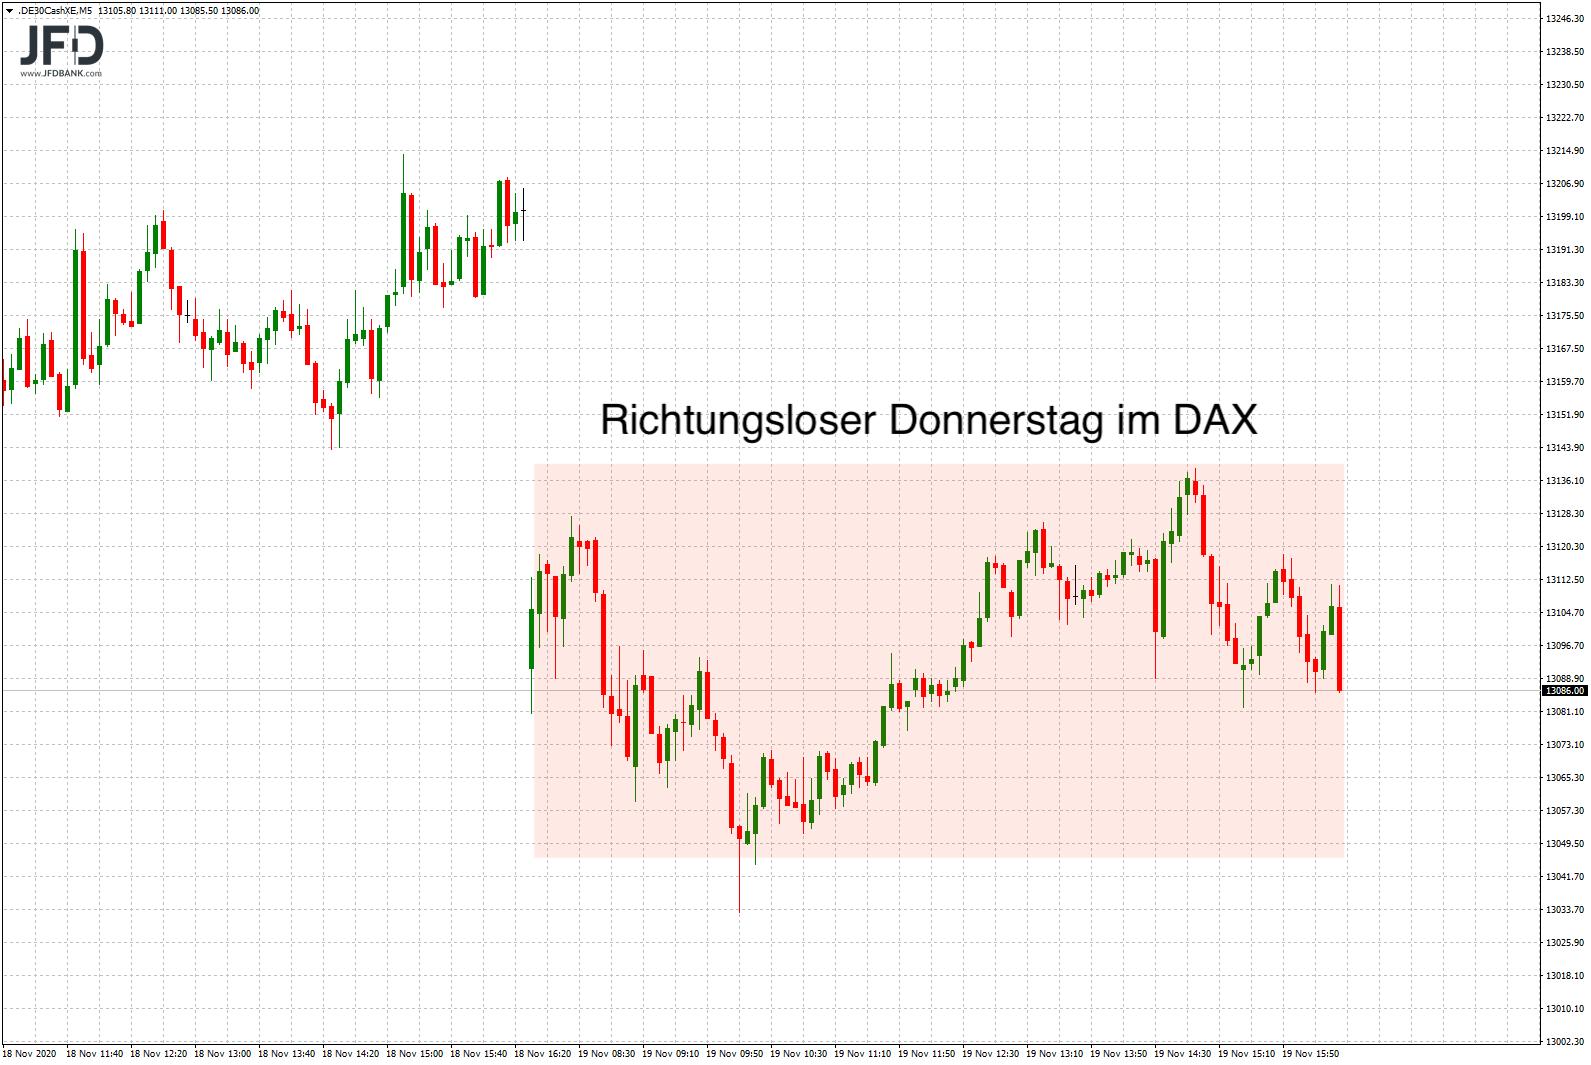 Gleiche-Voraussetzungen-um-DAX-wie-gestern-Kommentar-JFD-Bank-GodmodeTrader.de-2